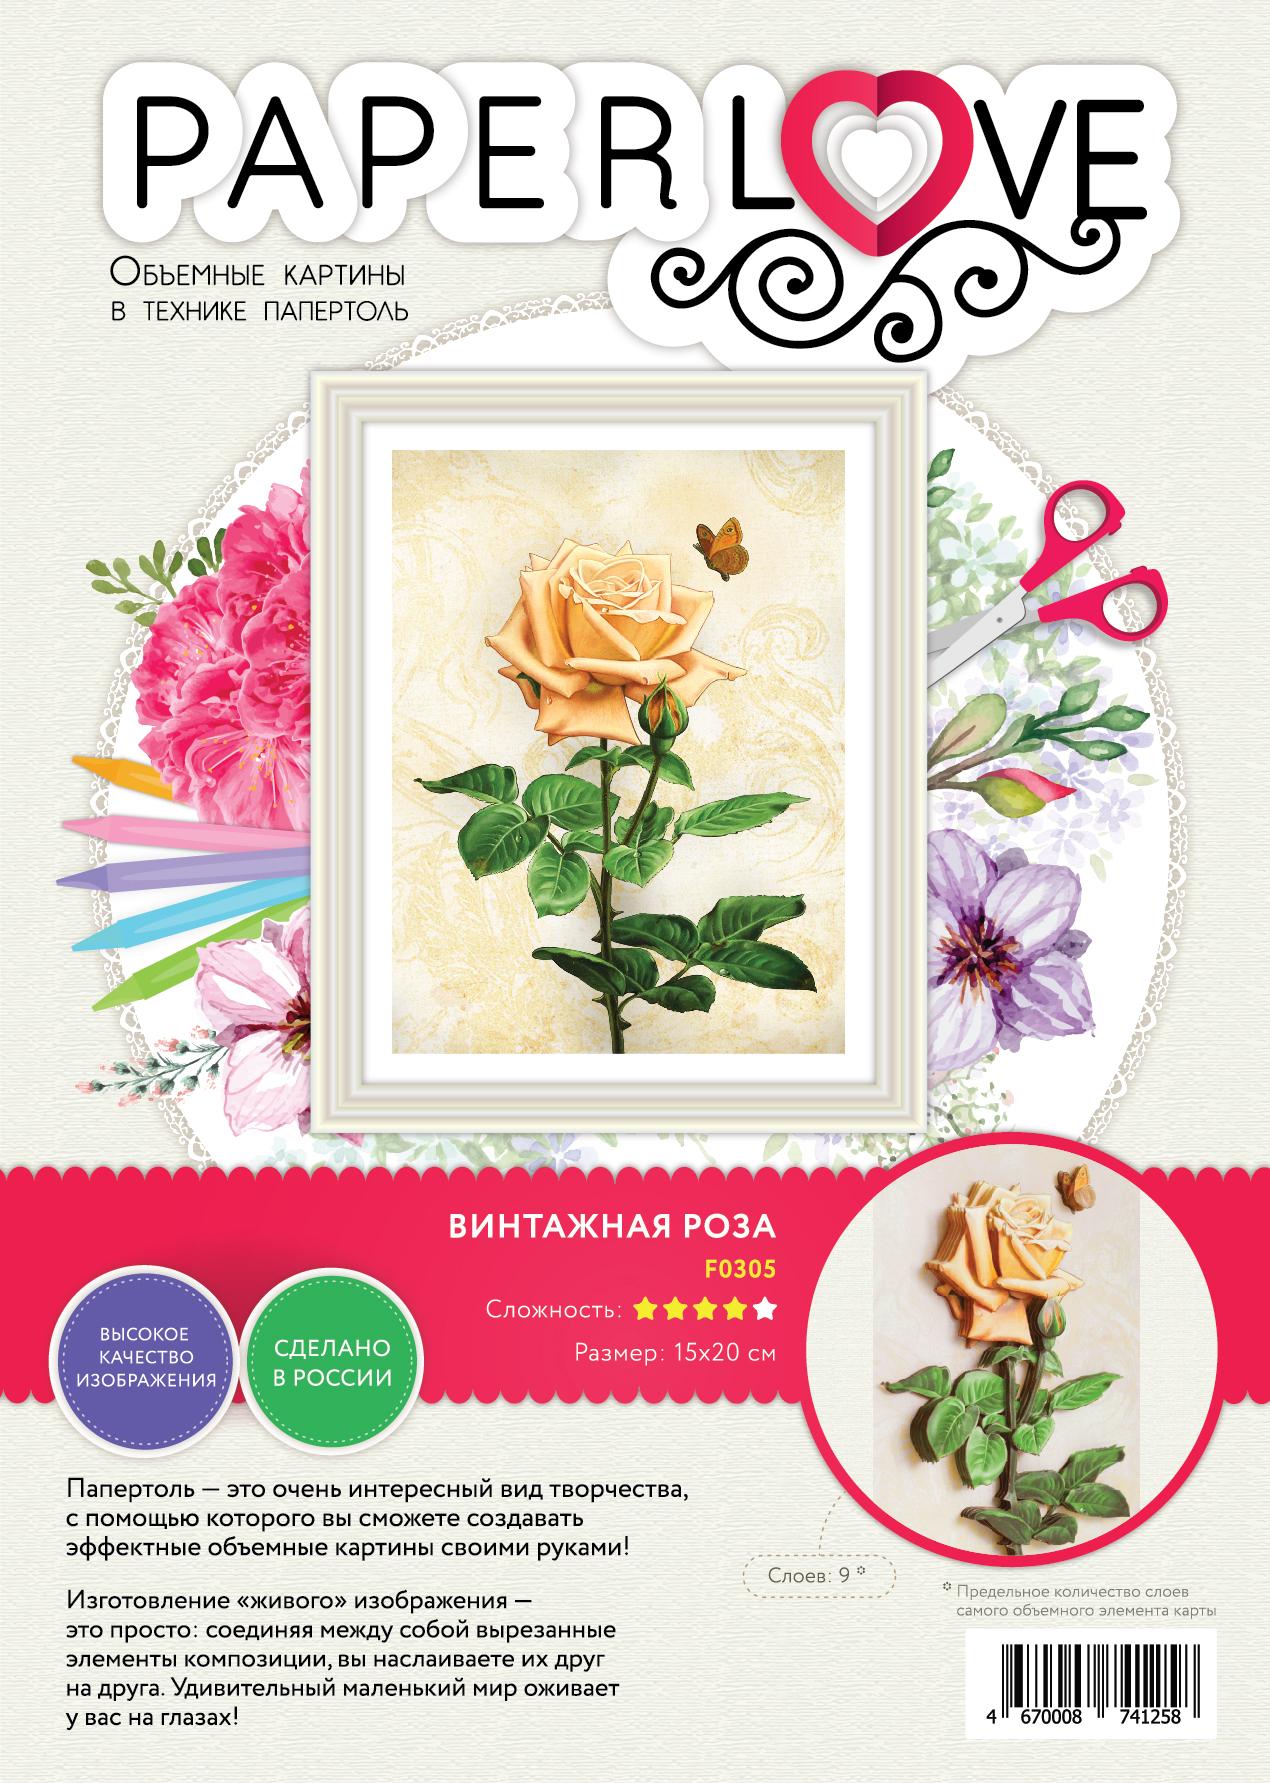 Папертоль Винтажная роза — фотография обложки.